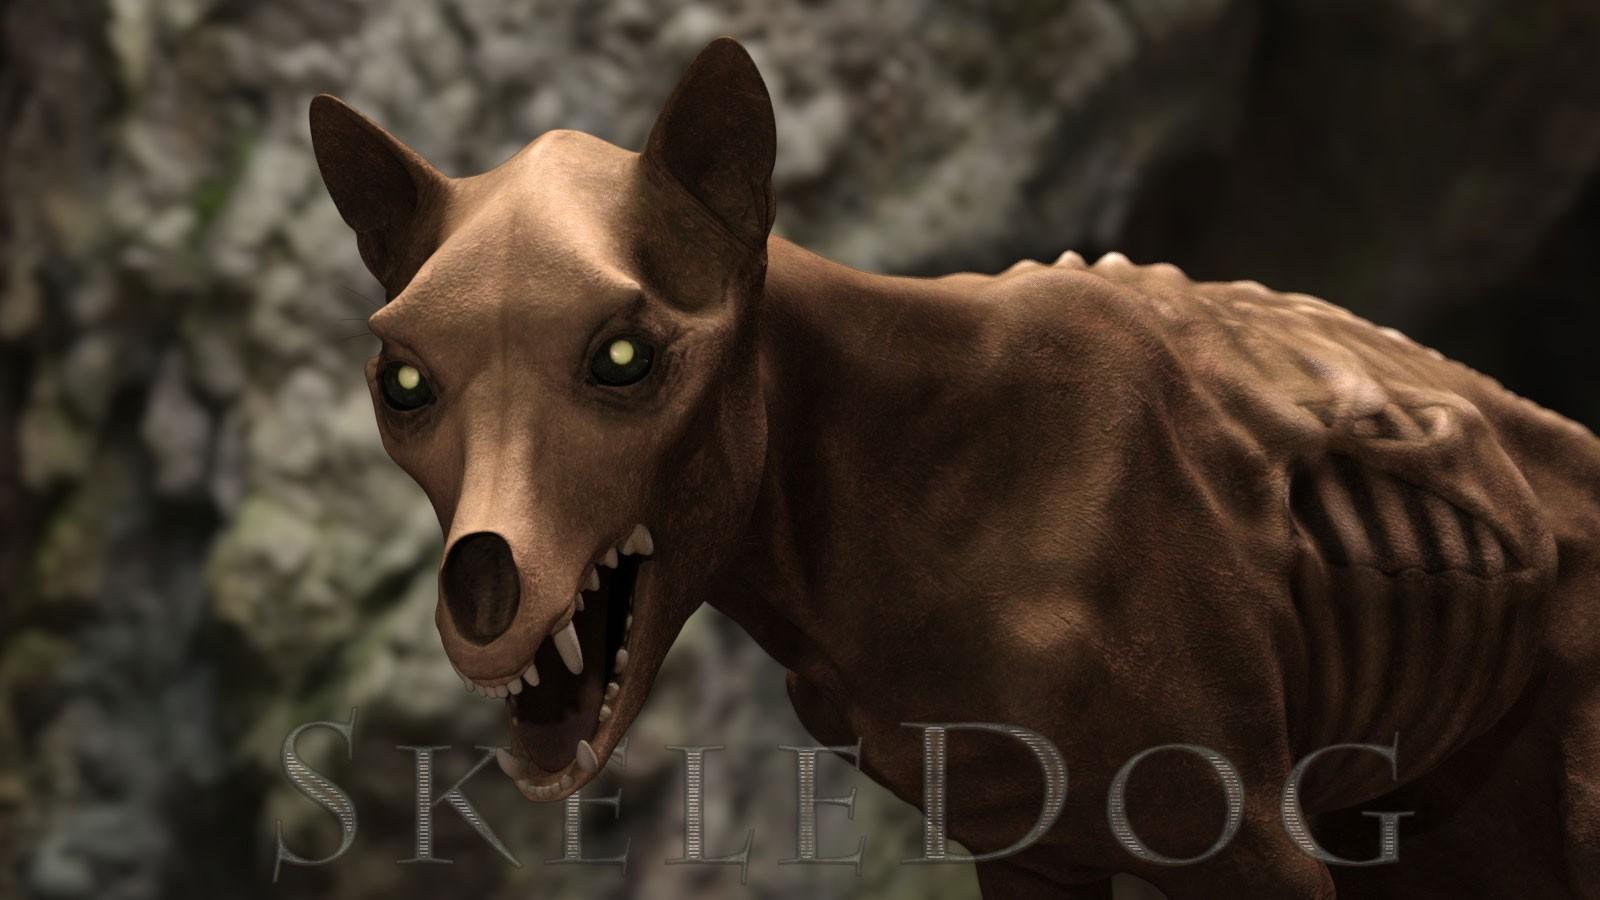 11798-skeledog-for-the-hivewire-big-dog-02.jpg